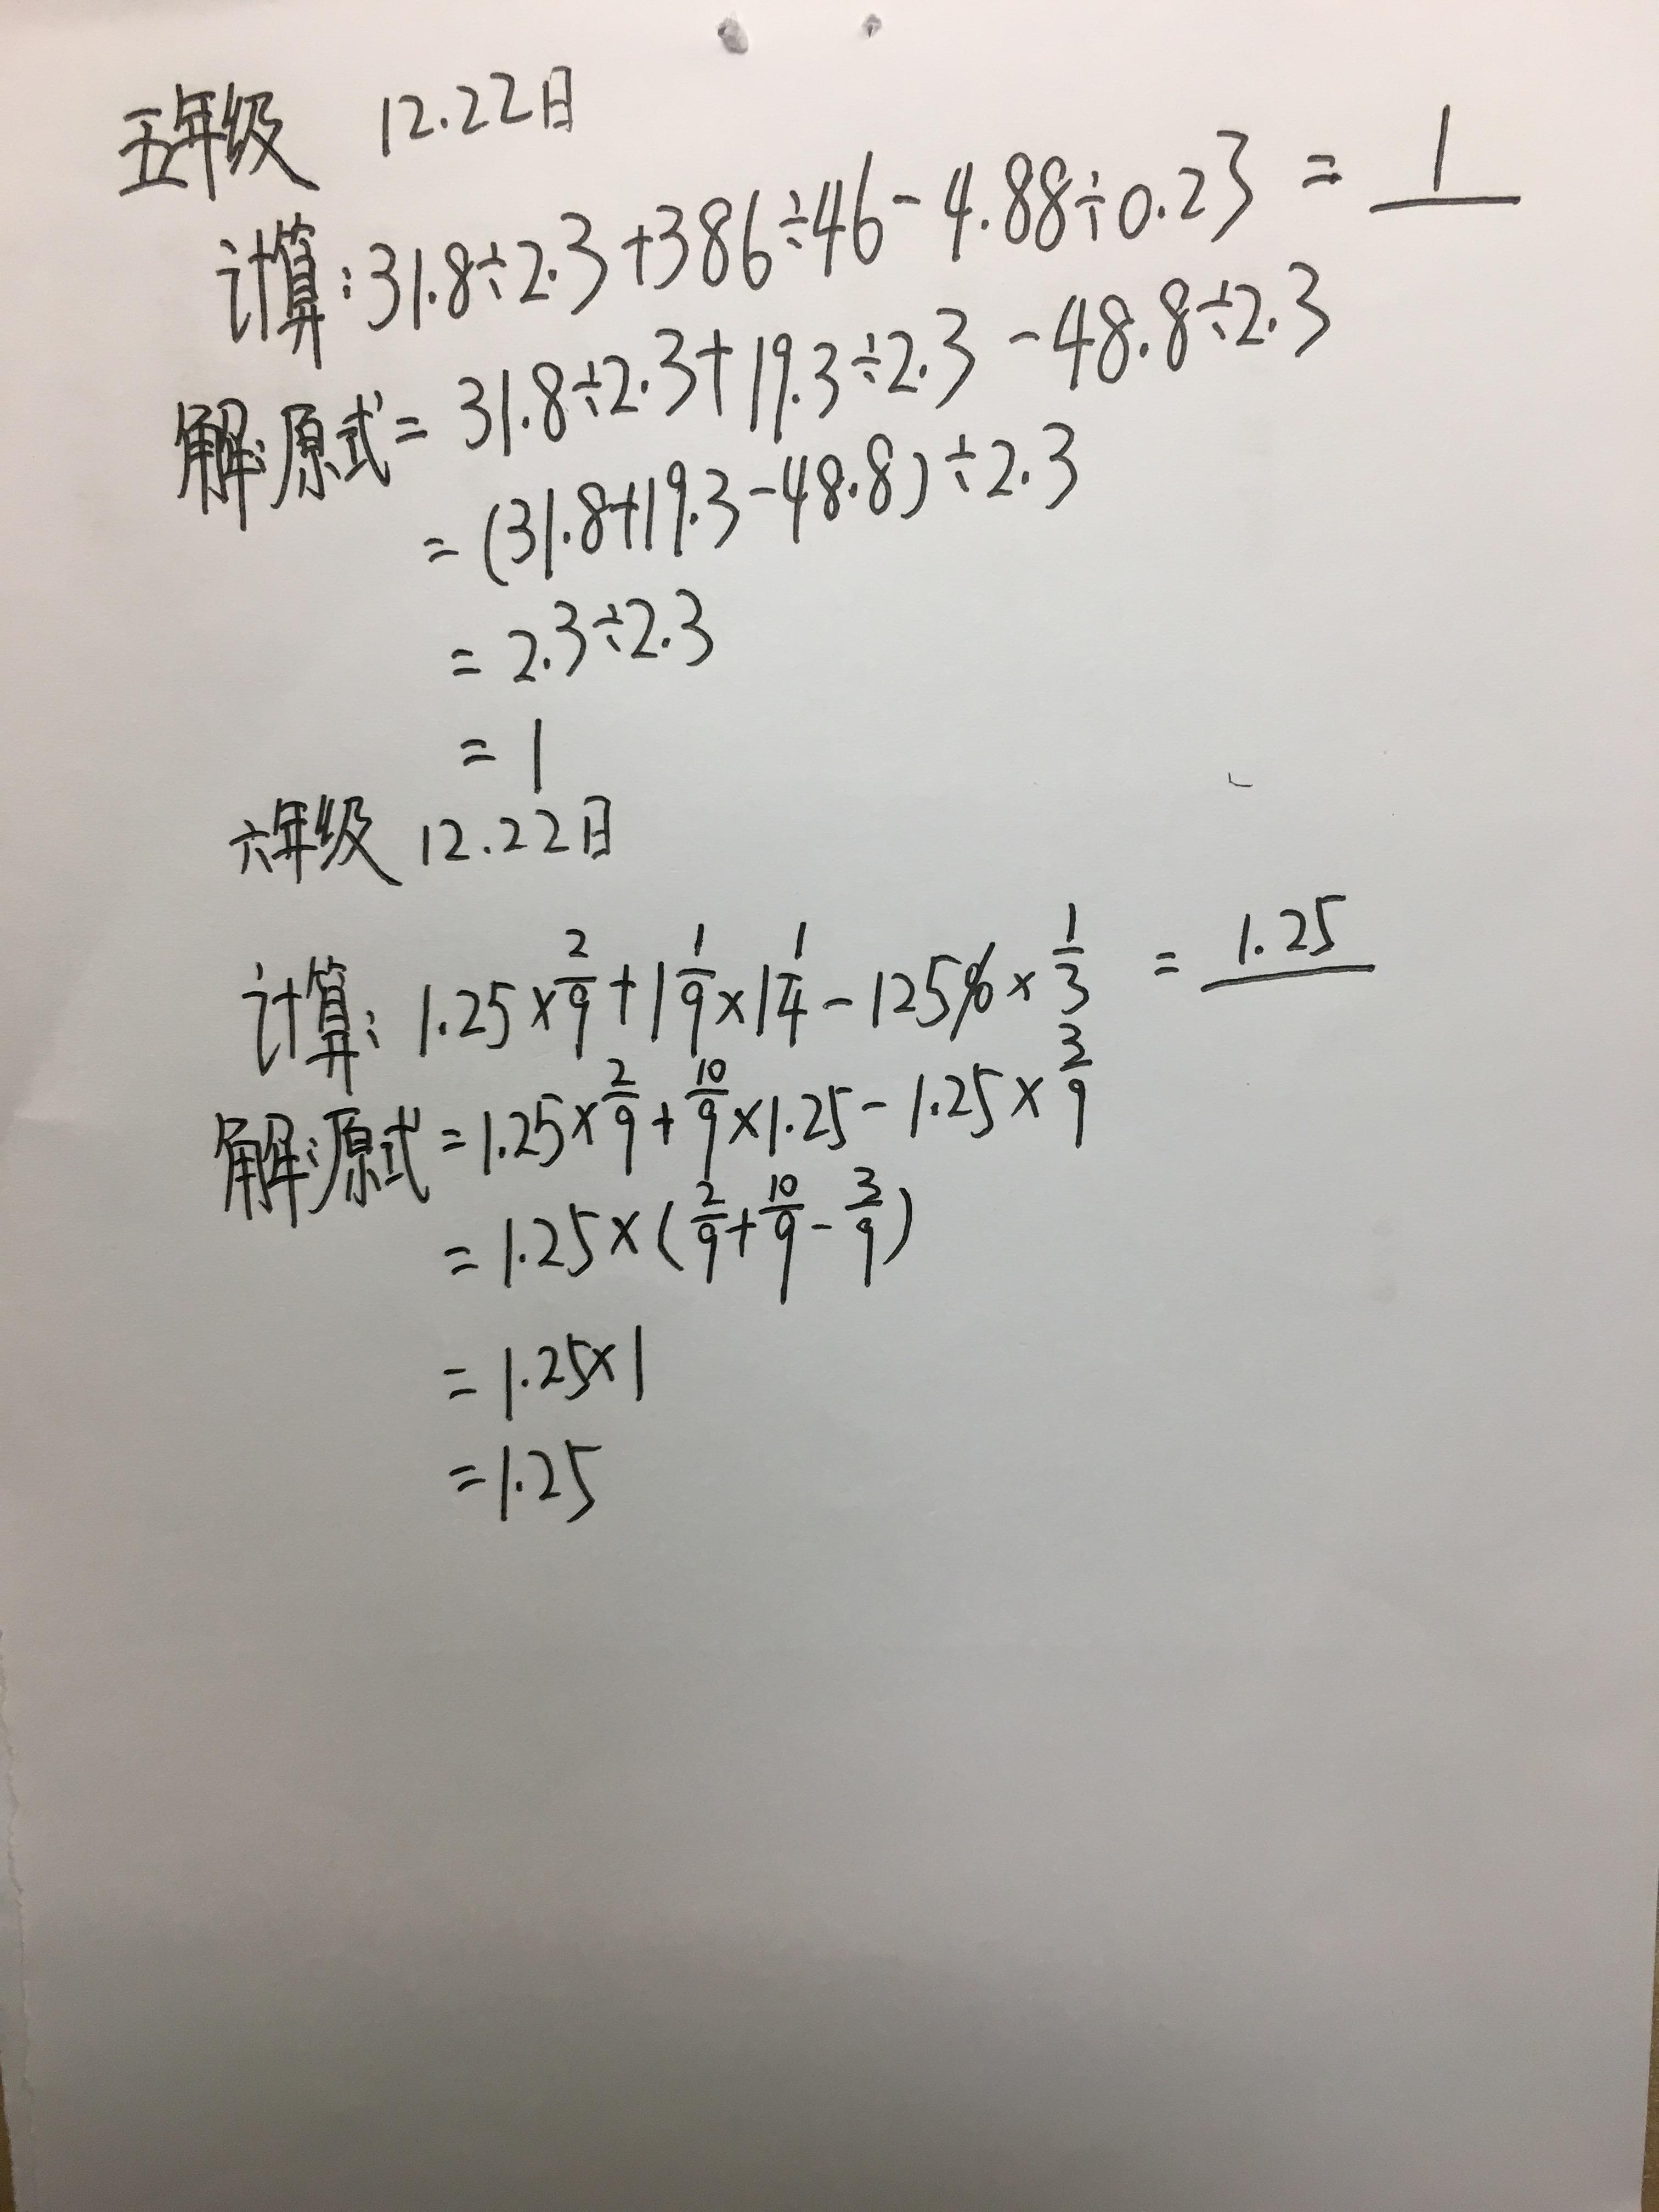 64957EC3-18AE-4CE6-B9CF-8A58DCE6F826.jpg